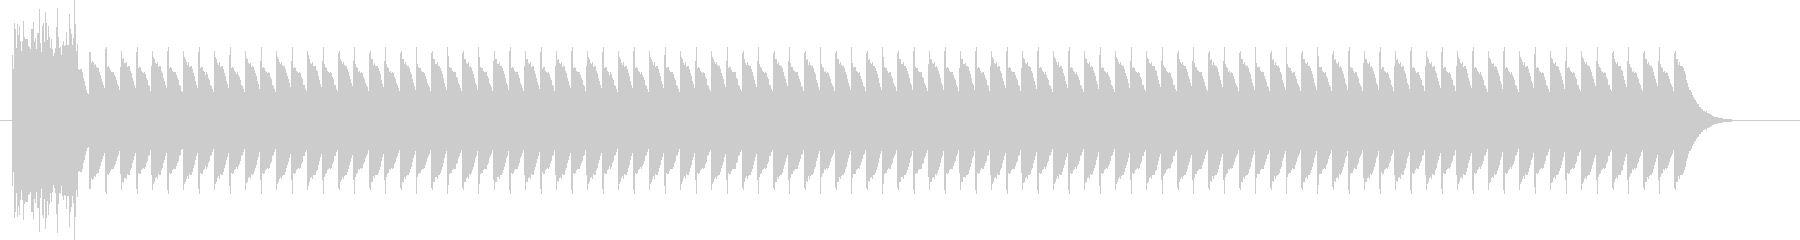 鉄道サウンド ATS警報音の未再生の波形